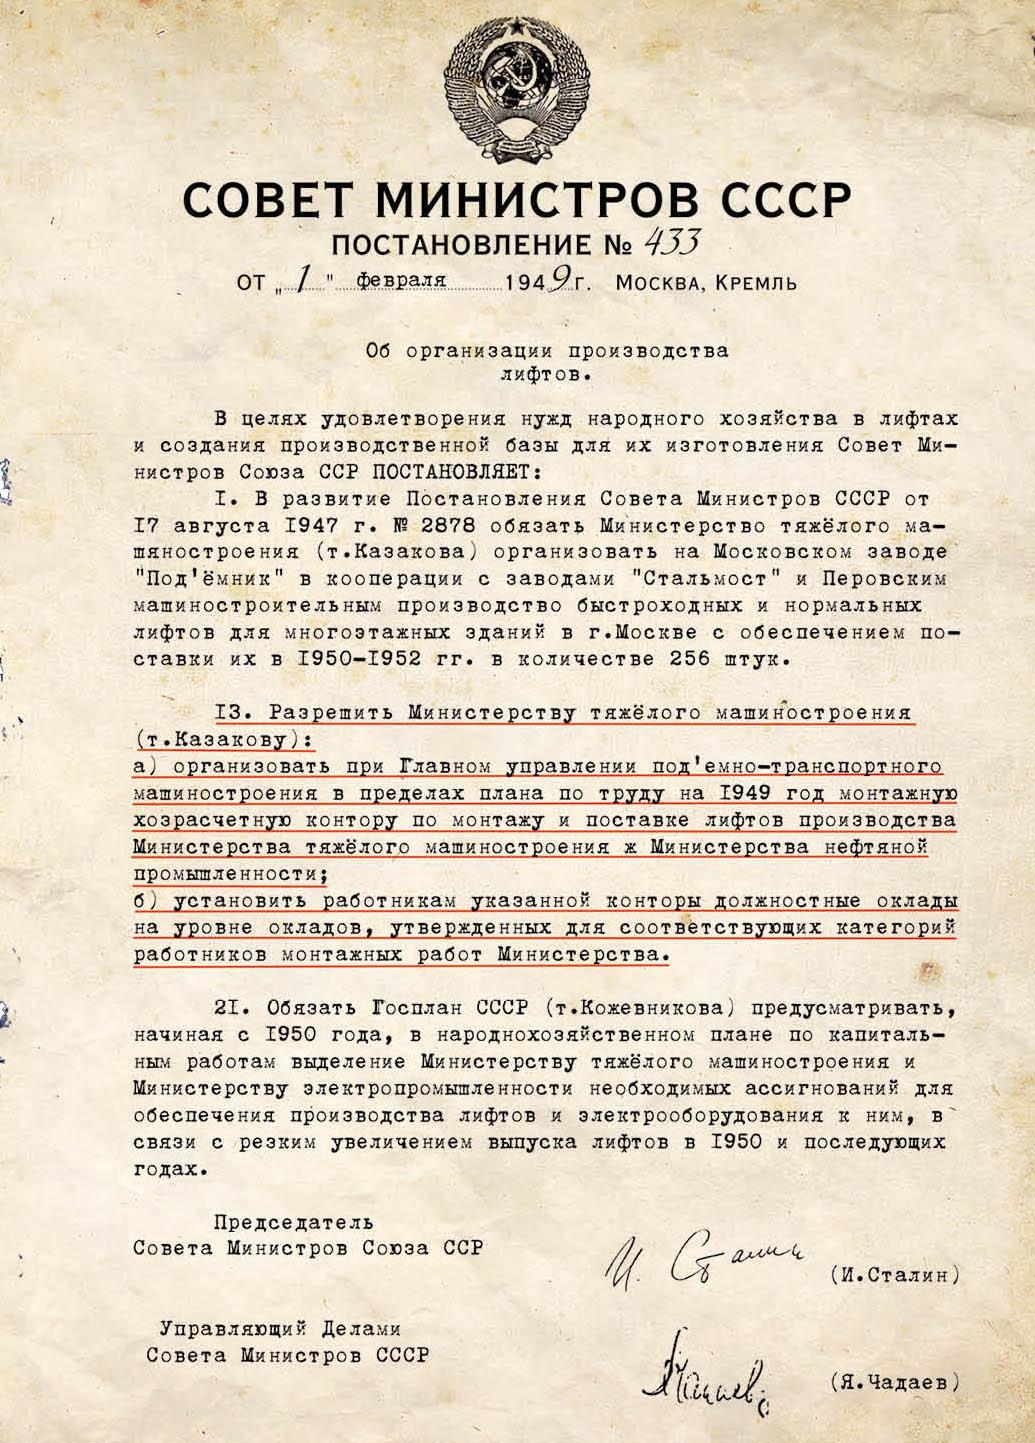 Постановлением Совета Министров СССР № 433 было организовано производство лифтов в целях удовлетворения нужд народного хозяйства